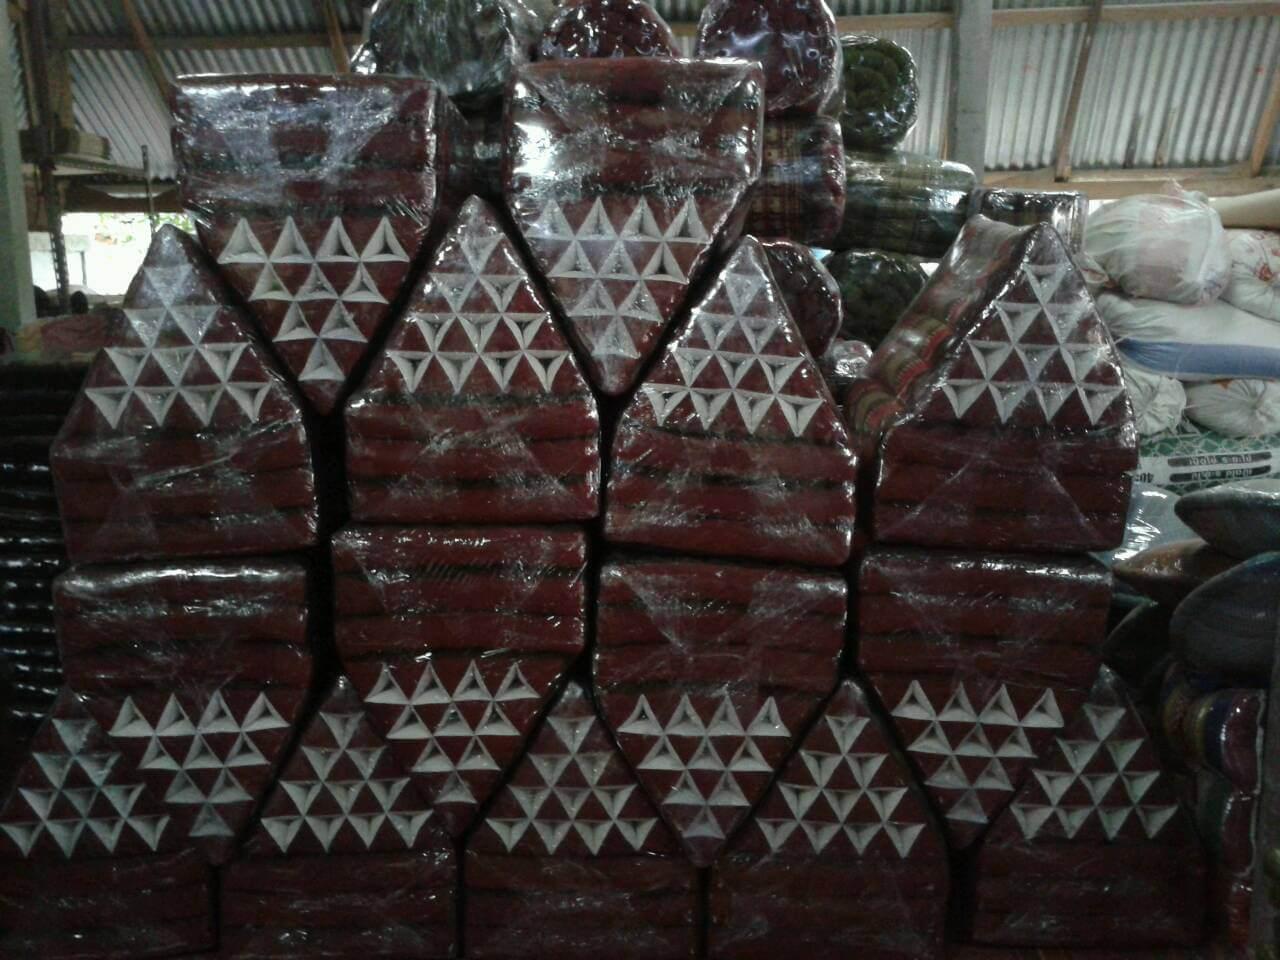 Kapok Hohlfaser Kissen: fertige Kissen aus Baumwolle im Zwischenlager in Thailand